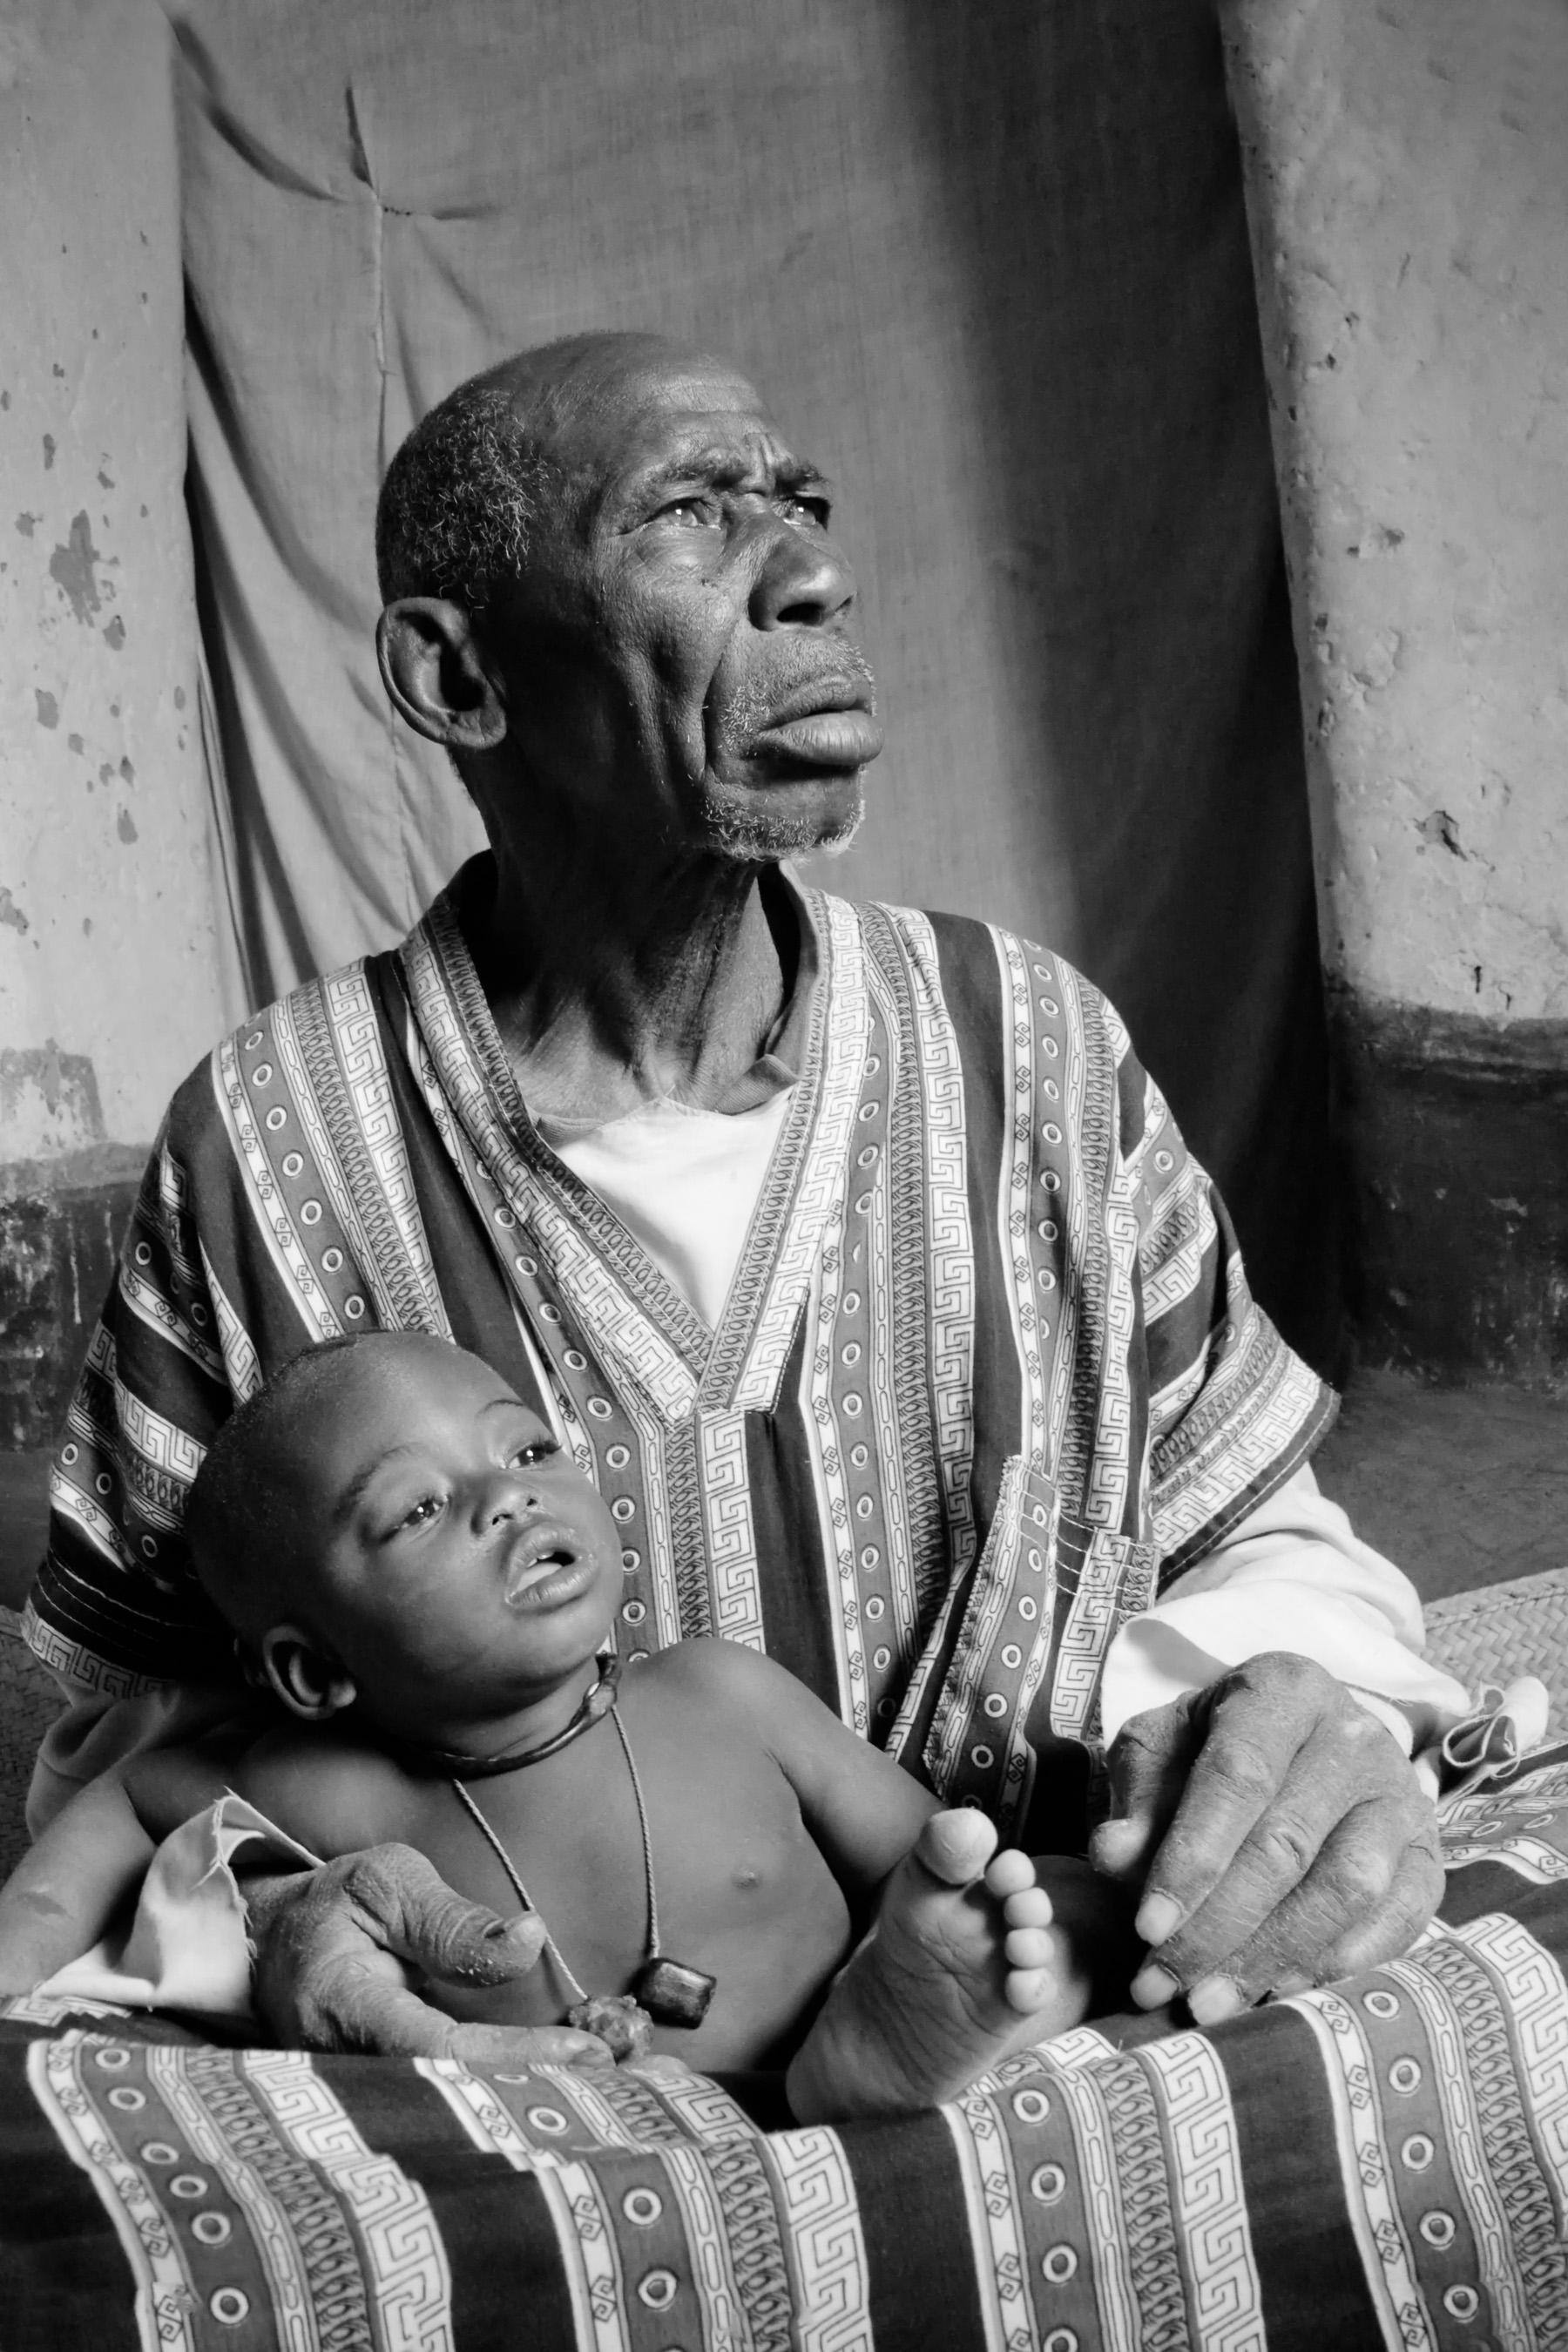 Sénossa - Mali